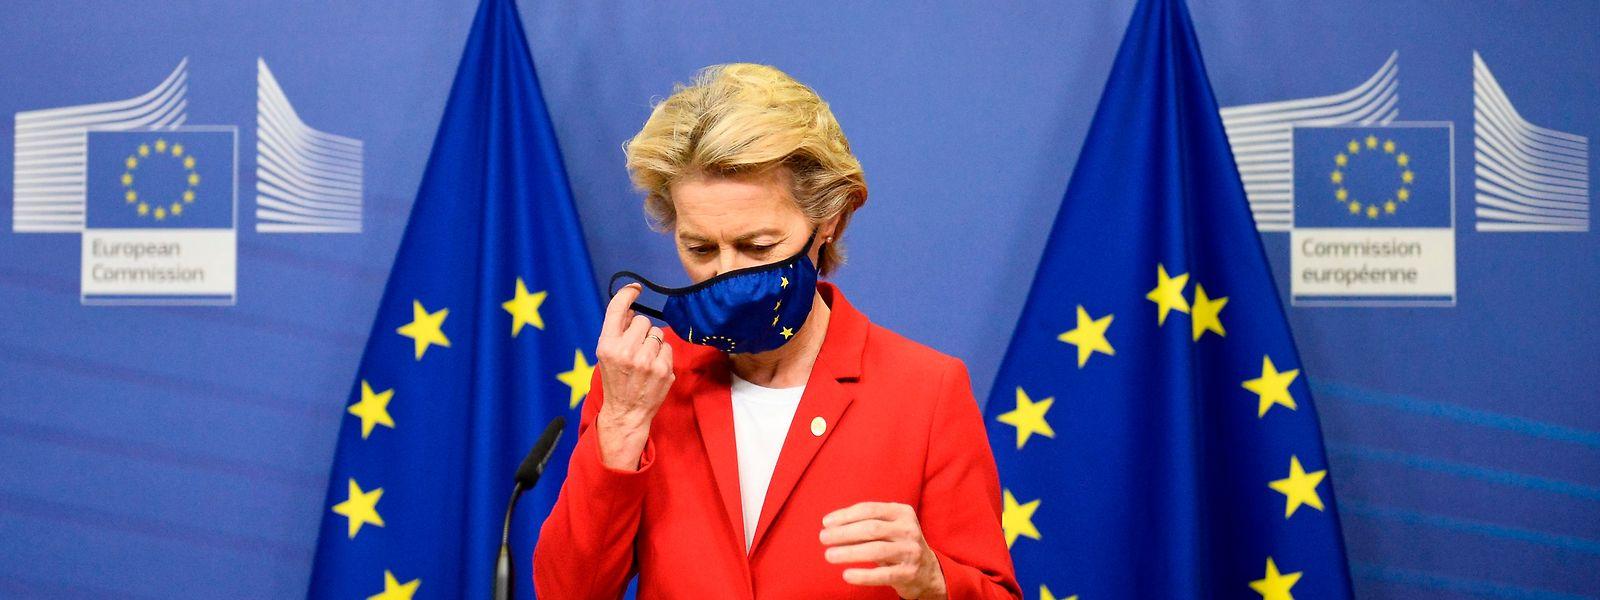 L'UE reproche au Royaume-Uni de ne pas respecter les accords signés lors du Brexit.